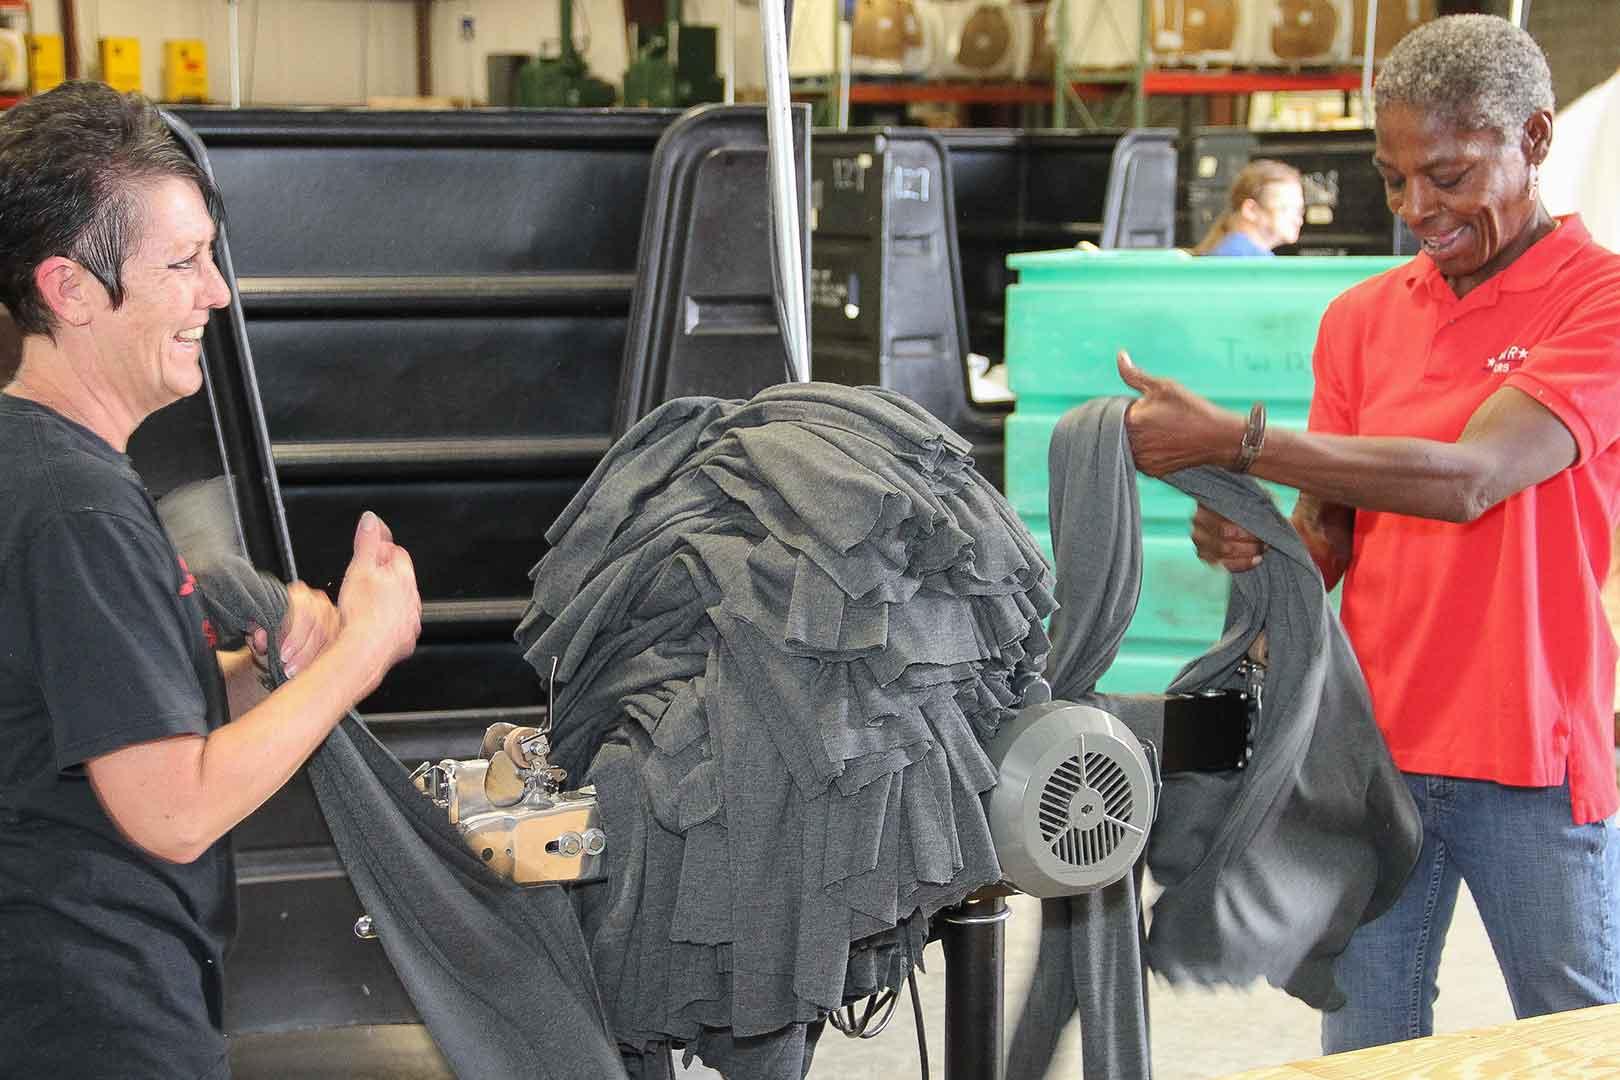 women using cutting machine to cut grey rags